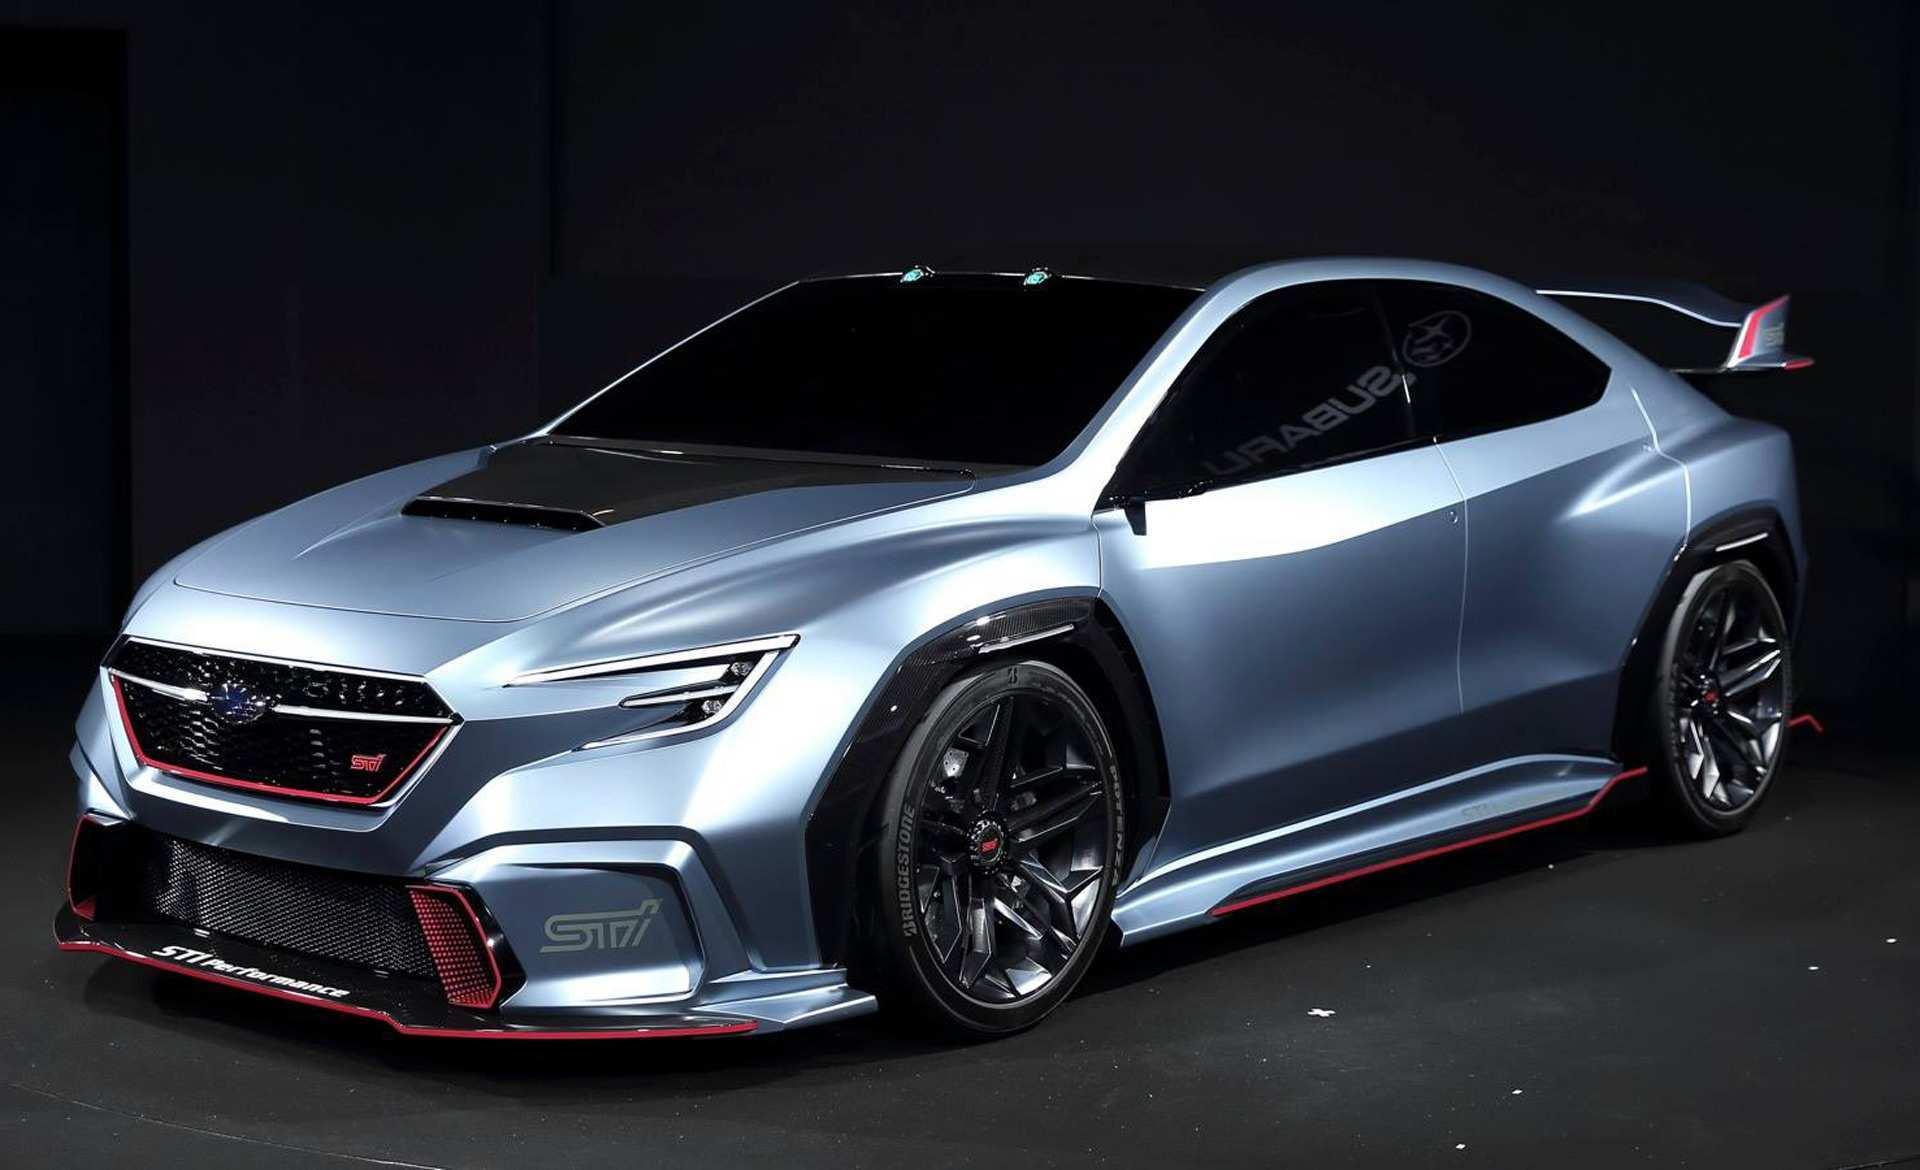 25 New Subaru Vision 2020 Ratings by Subaru Vision 2020